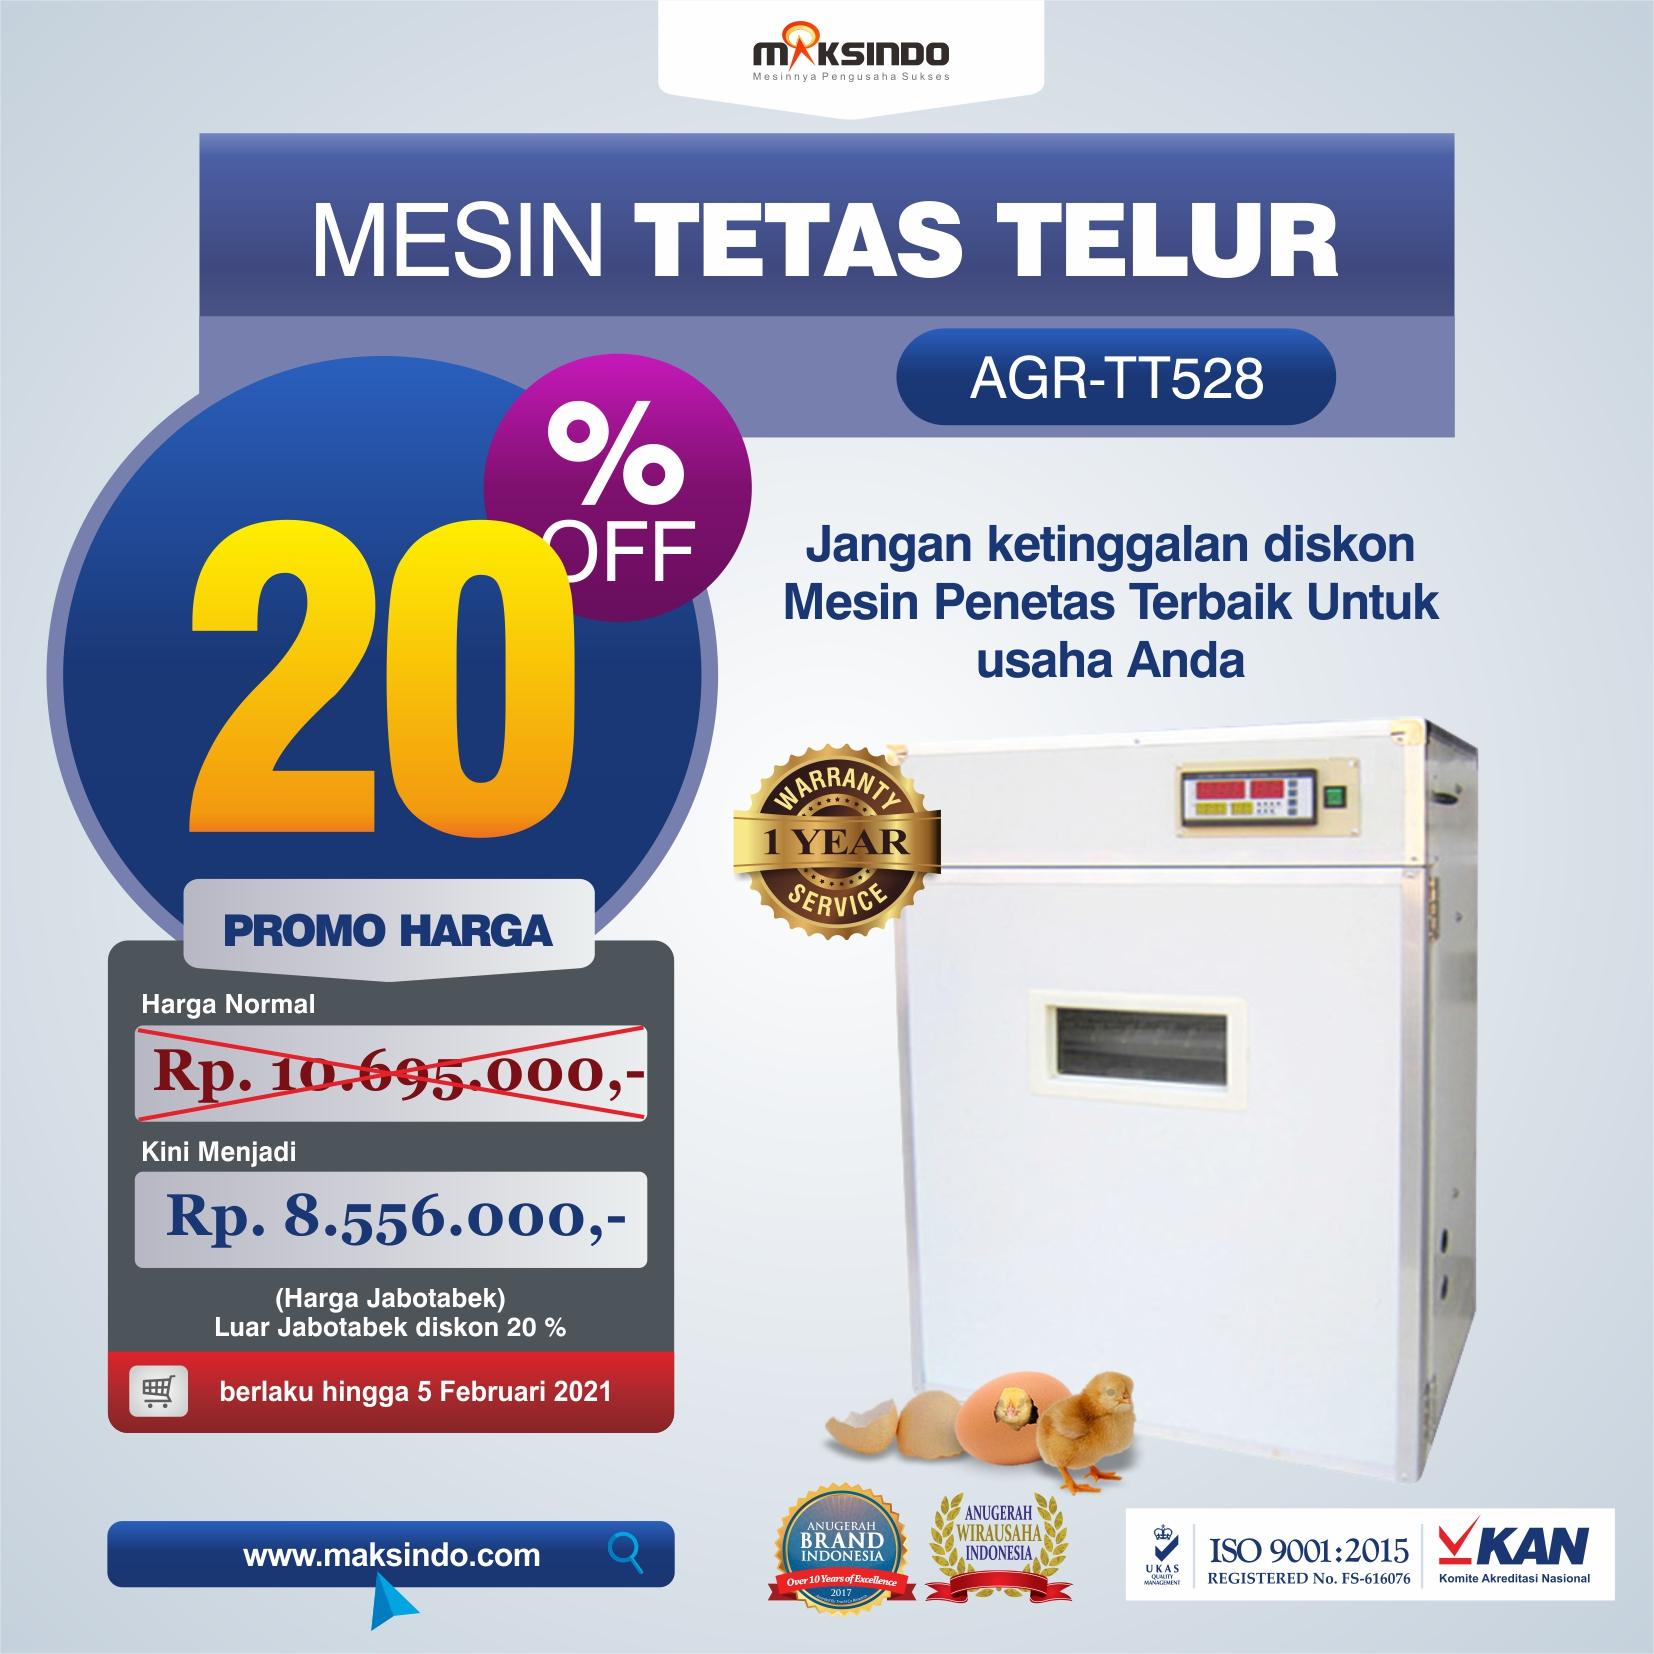 Jual Mesin Tetas Telur Industri 528 Butir (Industrial Incubator) di Medan